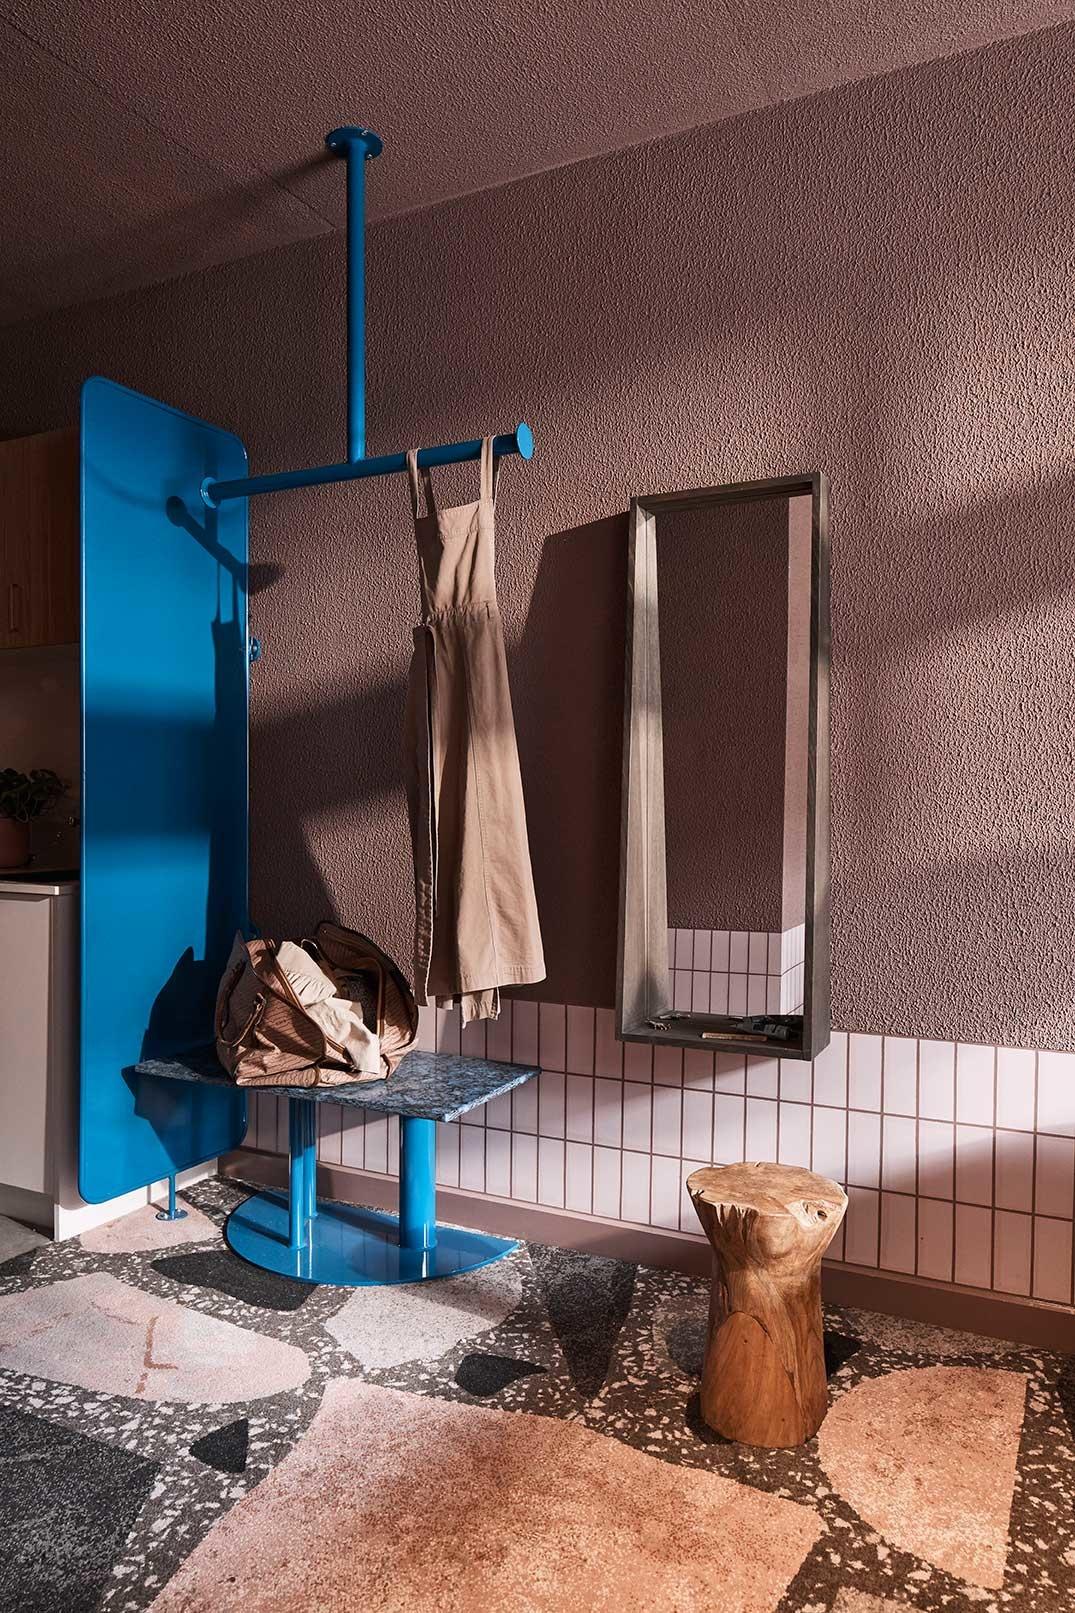 Отель Collectionist: современное искусство и авторский декор (галерея 6, фото 2)